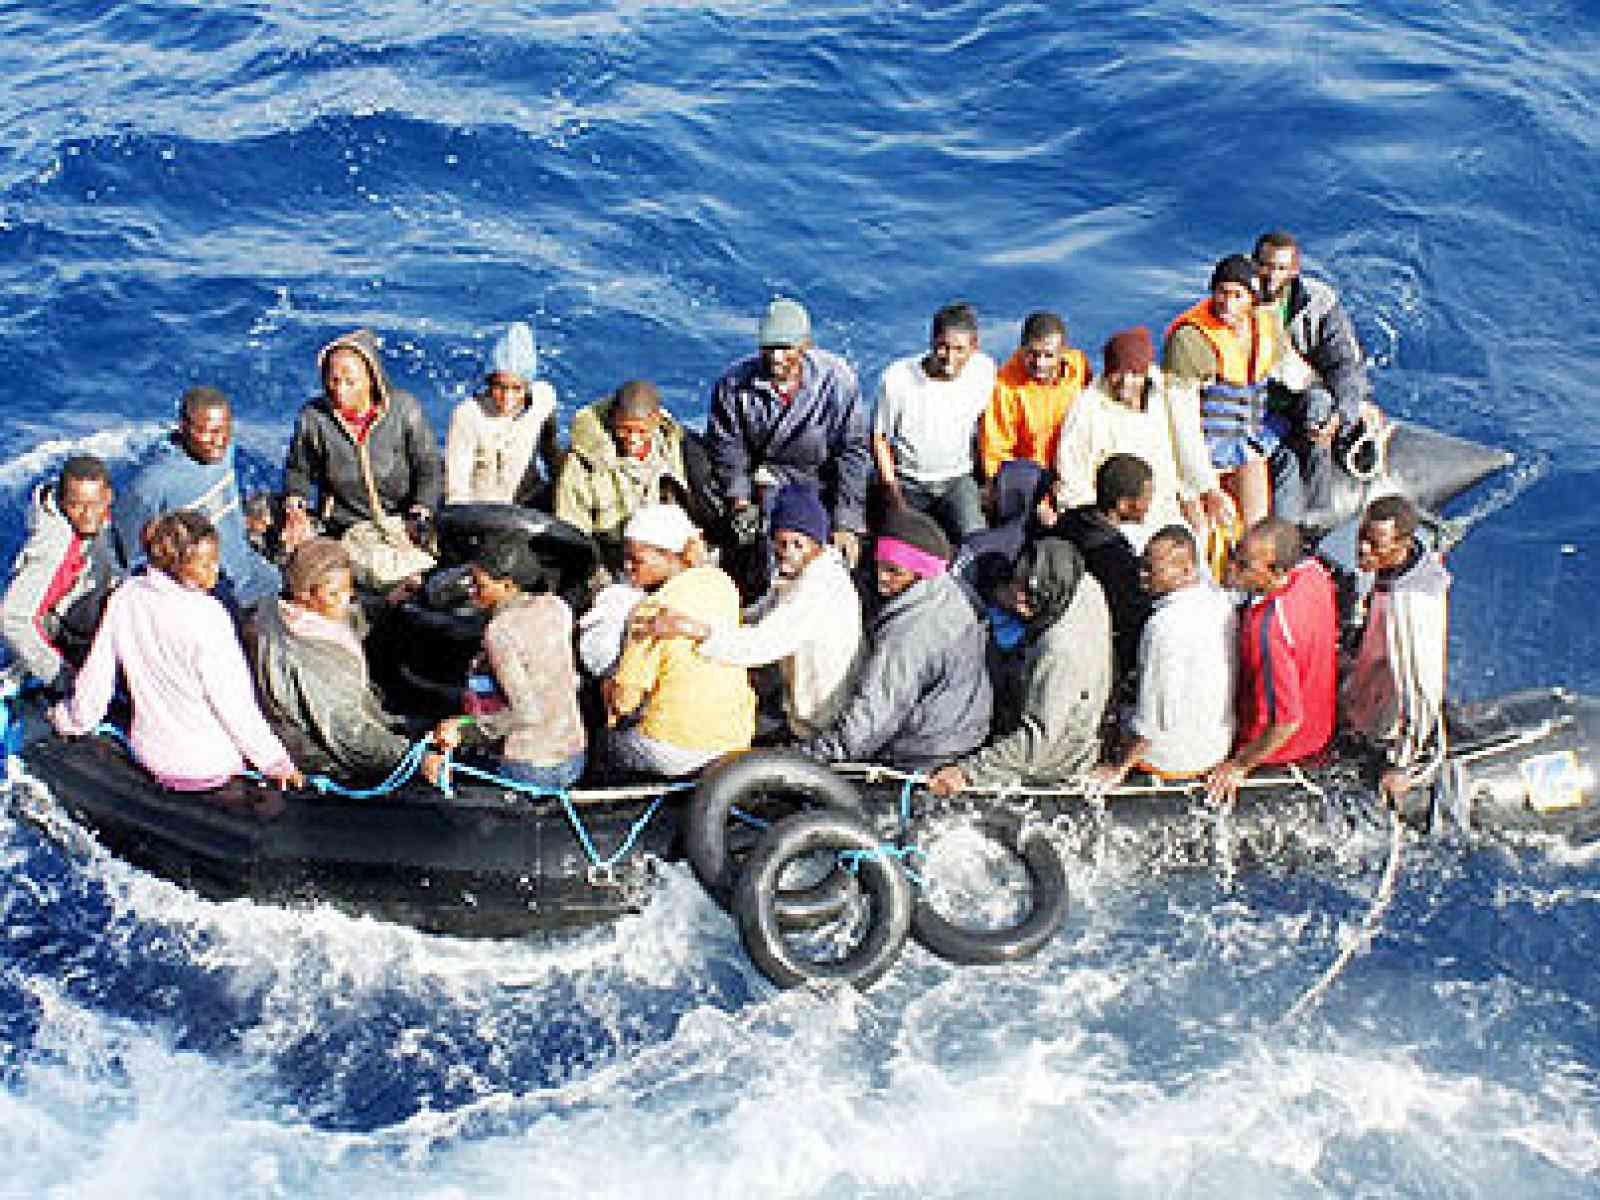 Tragico sbarco. 30 migranti raggiungono le spiagge di Siculiana, ma ci sono dei corpi in mare